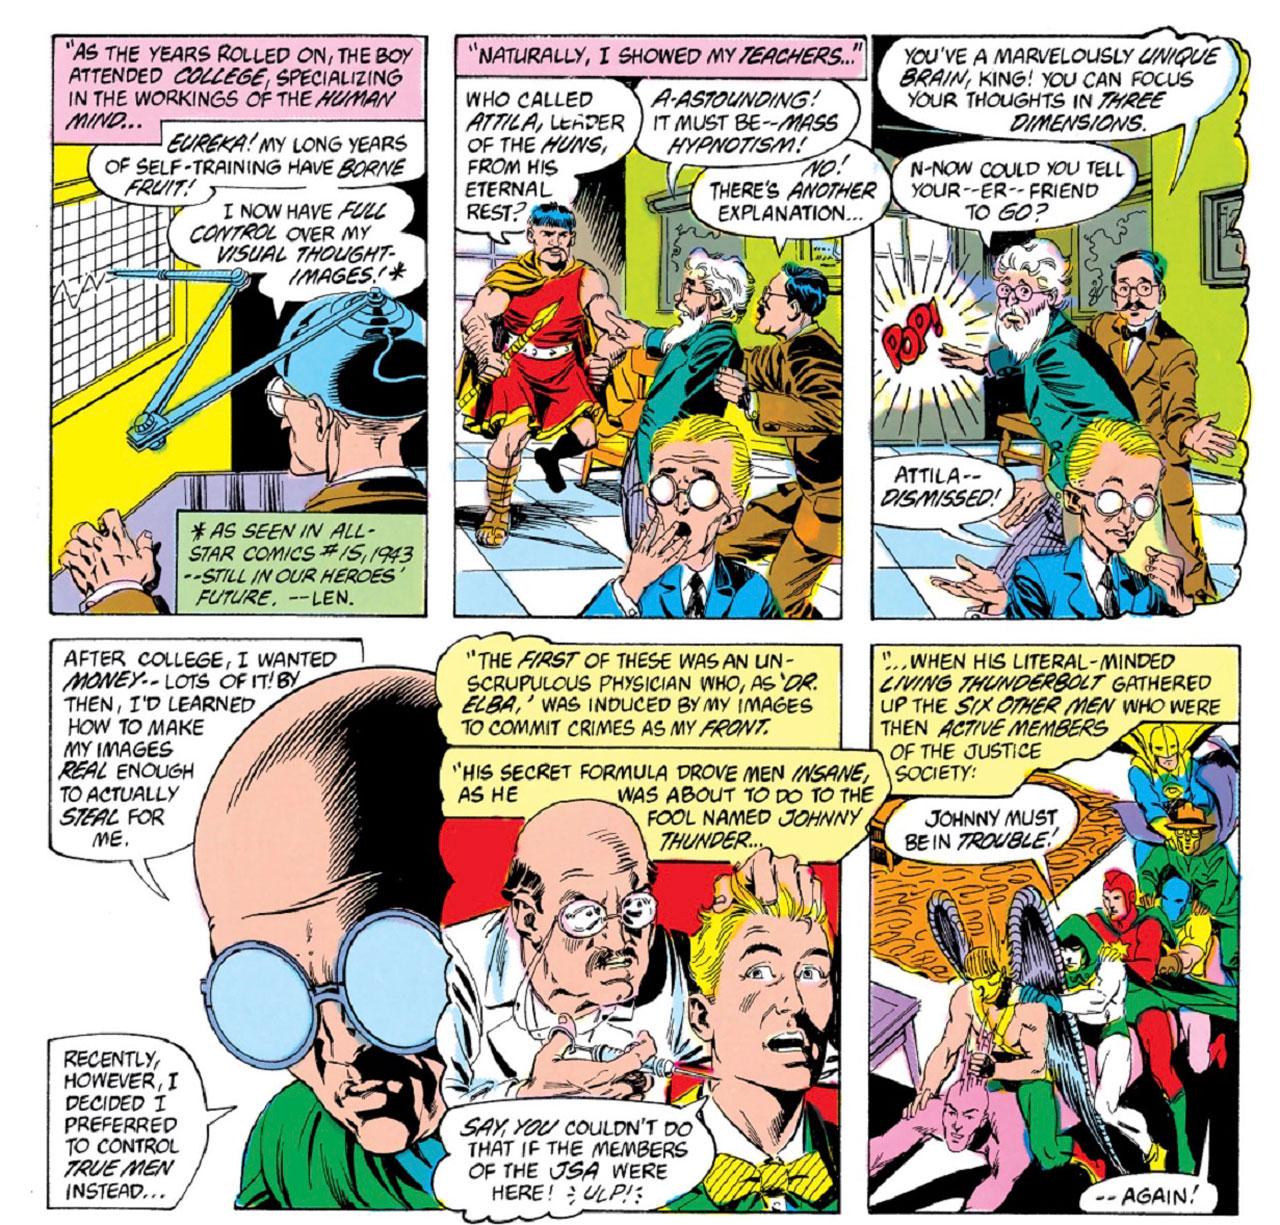 DC-Comics-Brainwave-Origin.jpg